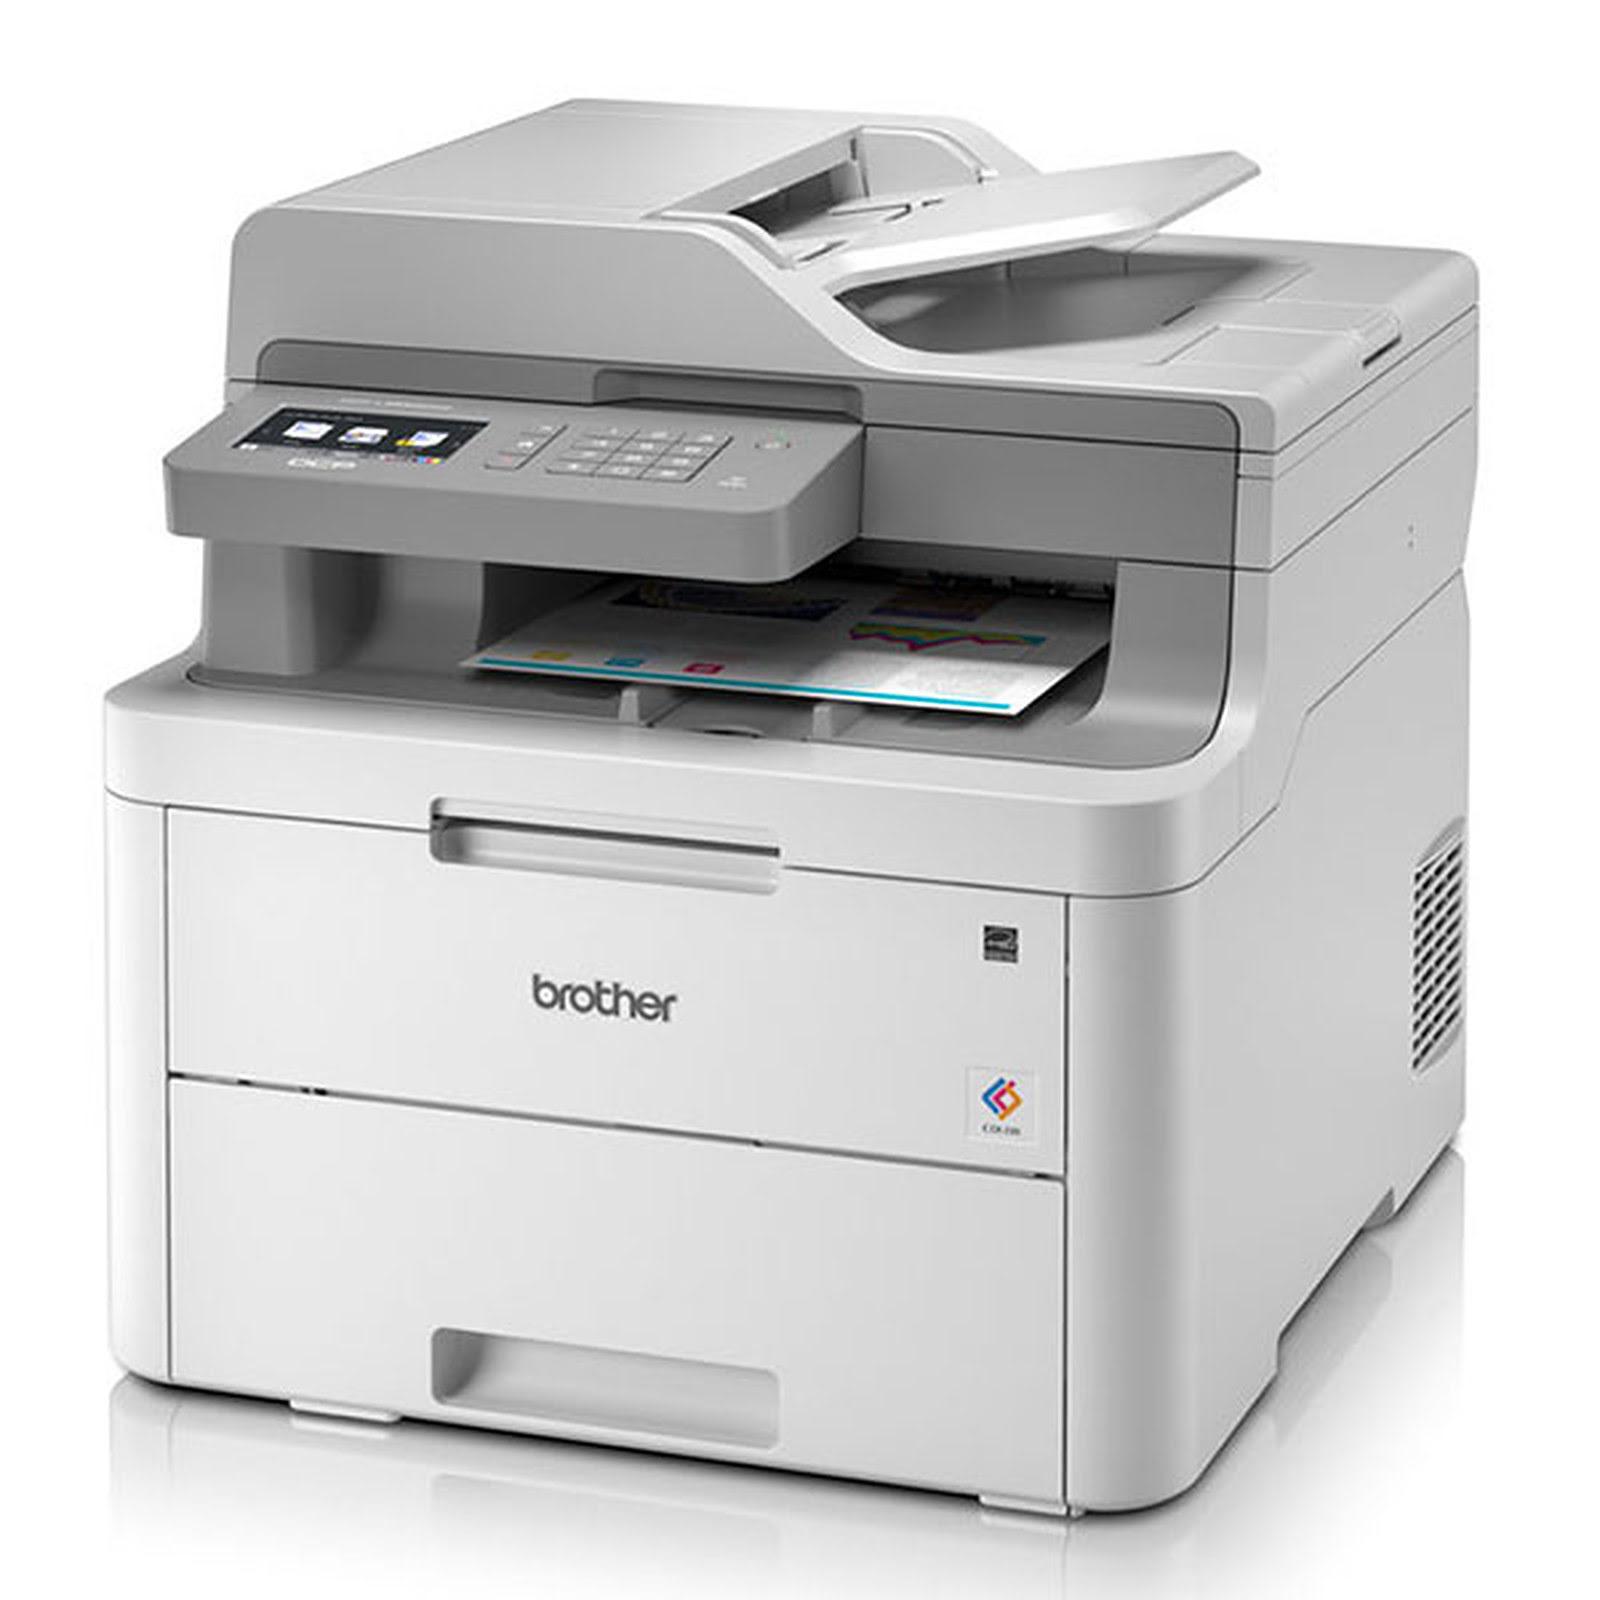 DCP-L3550CDW (DCPL3550CDWRF1) - Achat / Vente Imprimante multifonction sur Picata.fr - 1